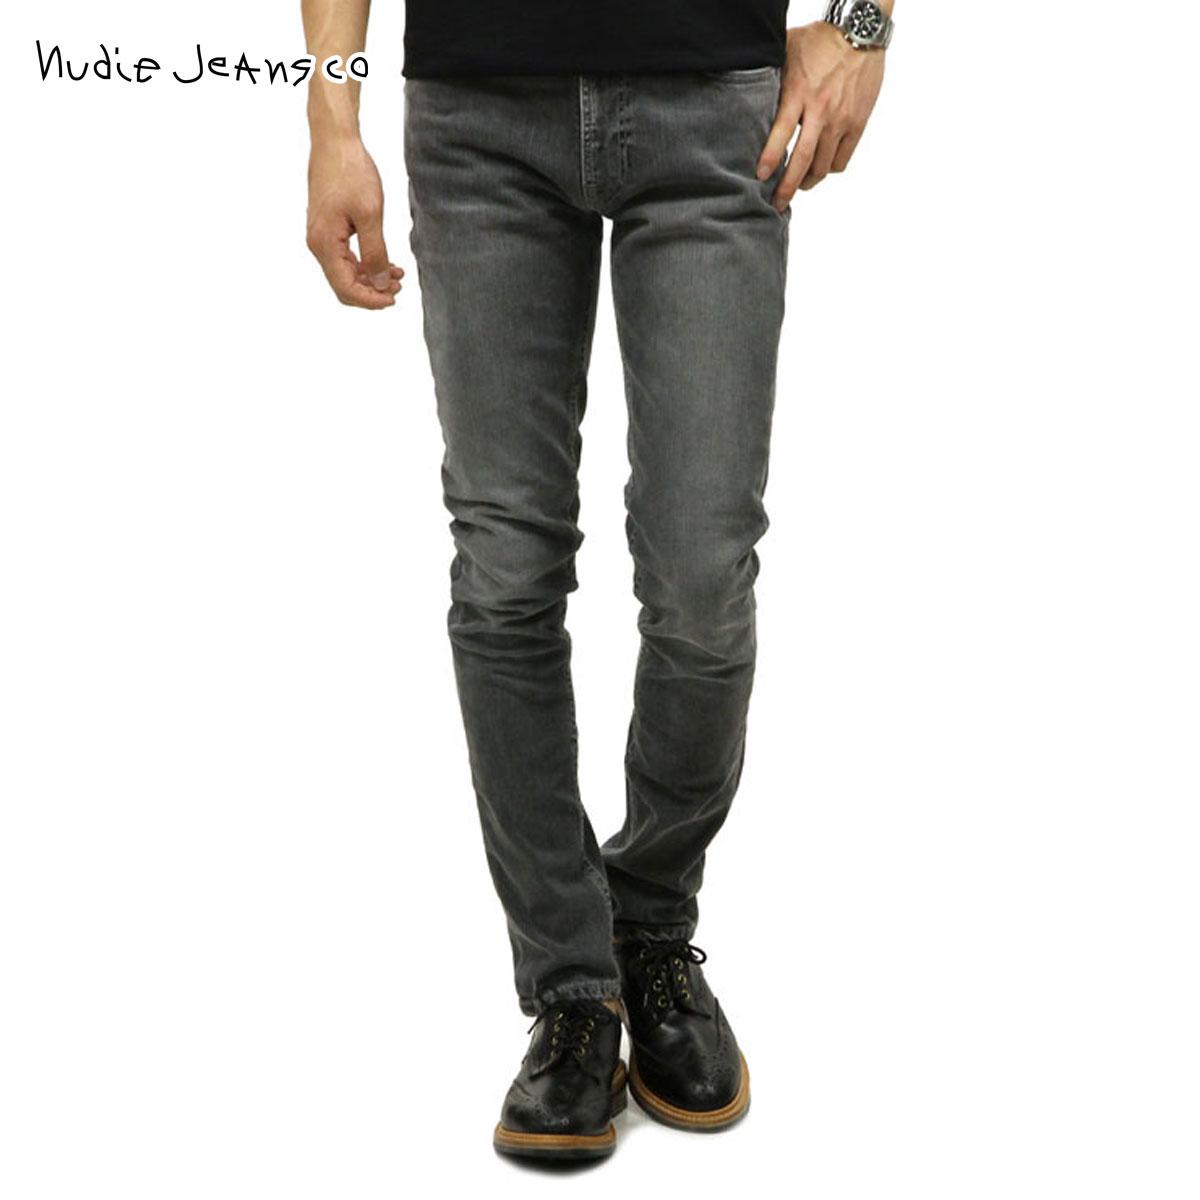 ヌーディージーンズ Nudie Jeans 正規販売店 メンズ ジーンズ Lean Dean 693 Grey Hunt 112264 D00S20